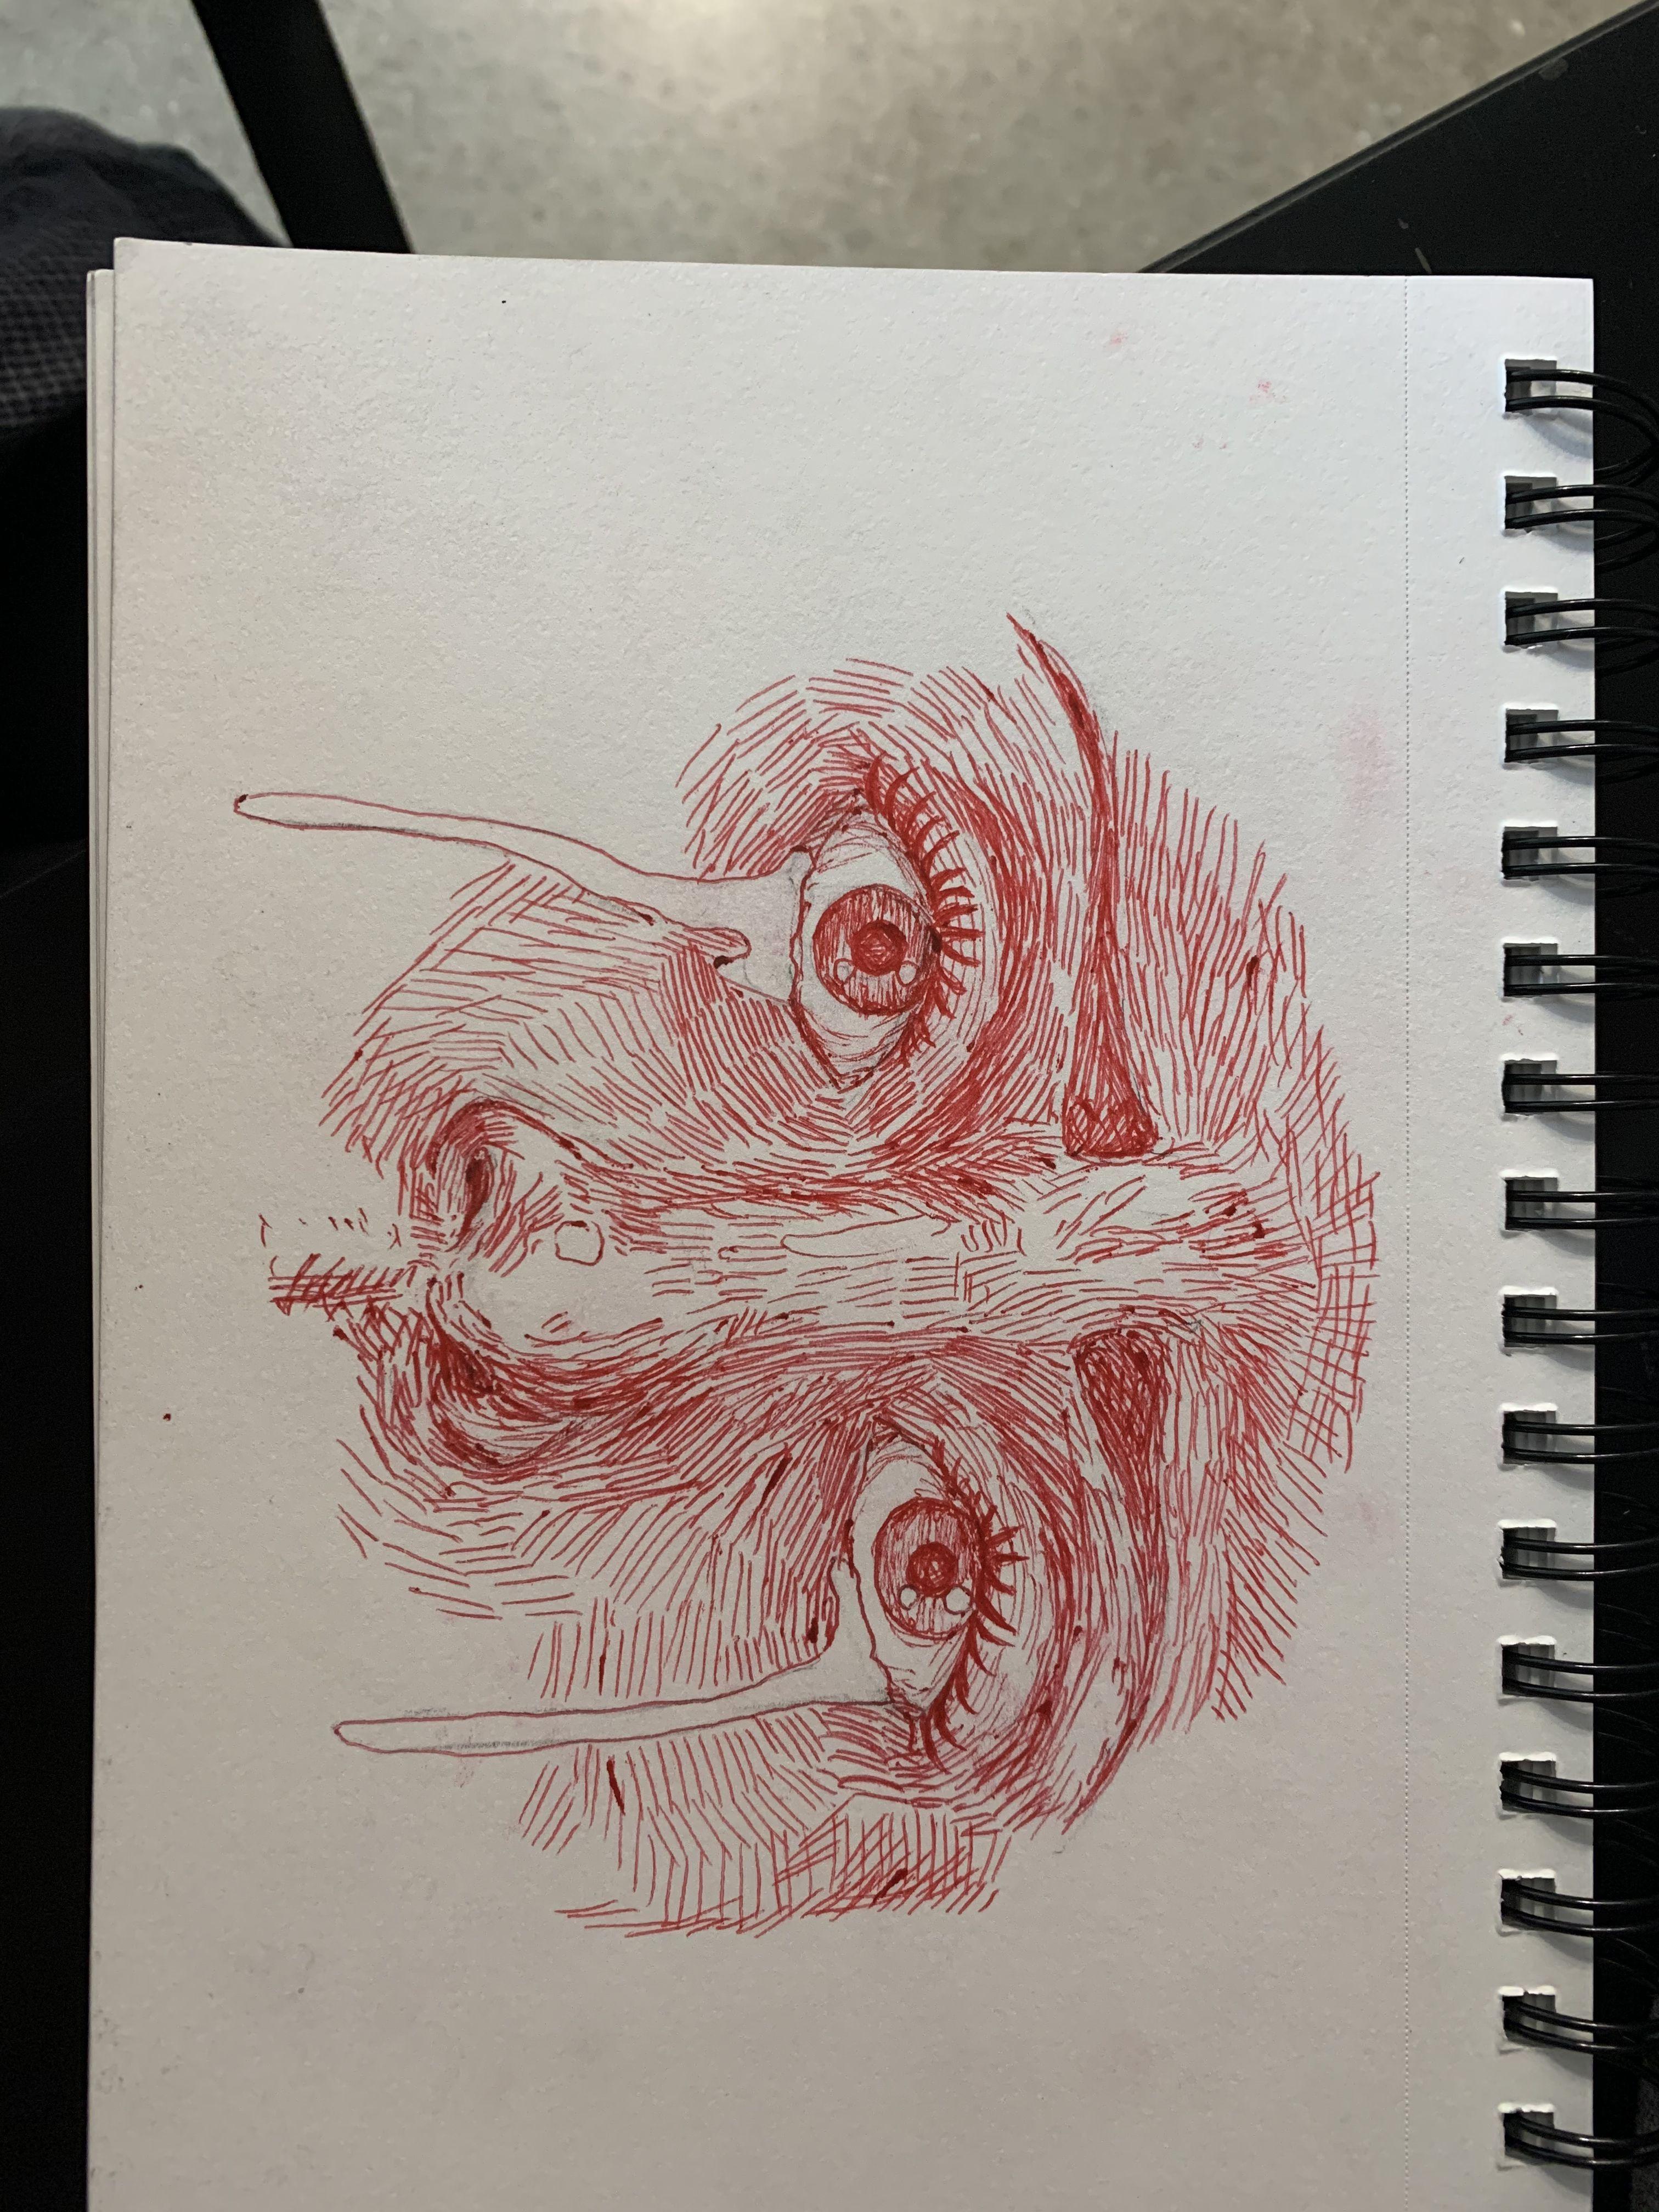 Red Eyes Sketch Realisticeye Arte Sketchbook Desenhos De